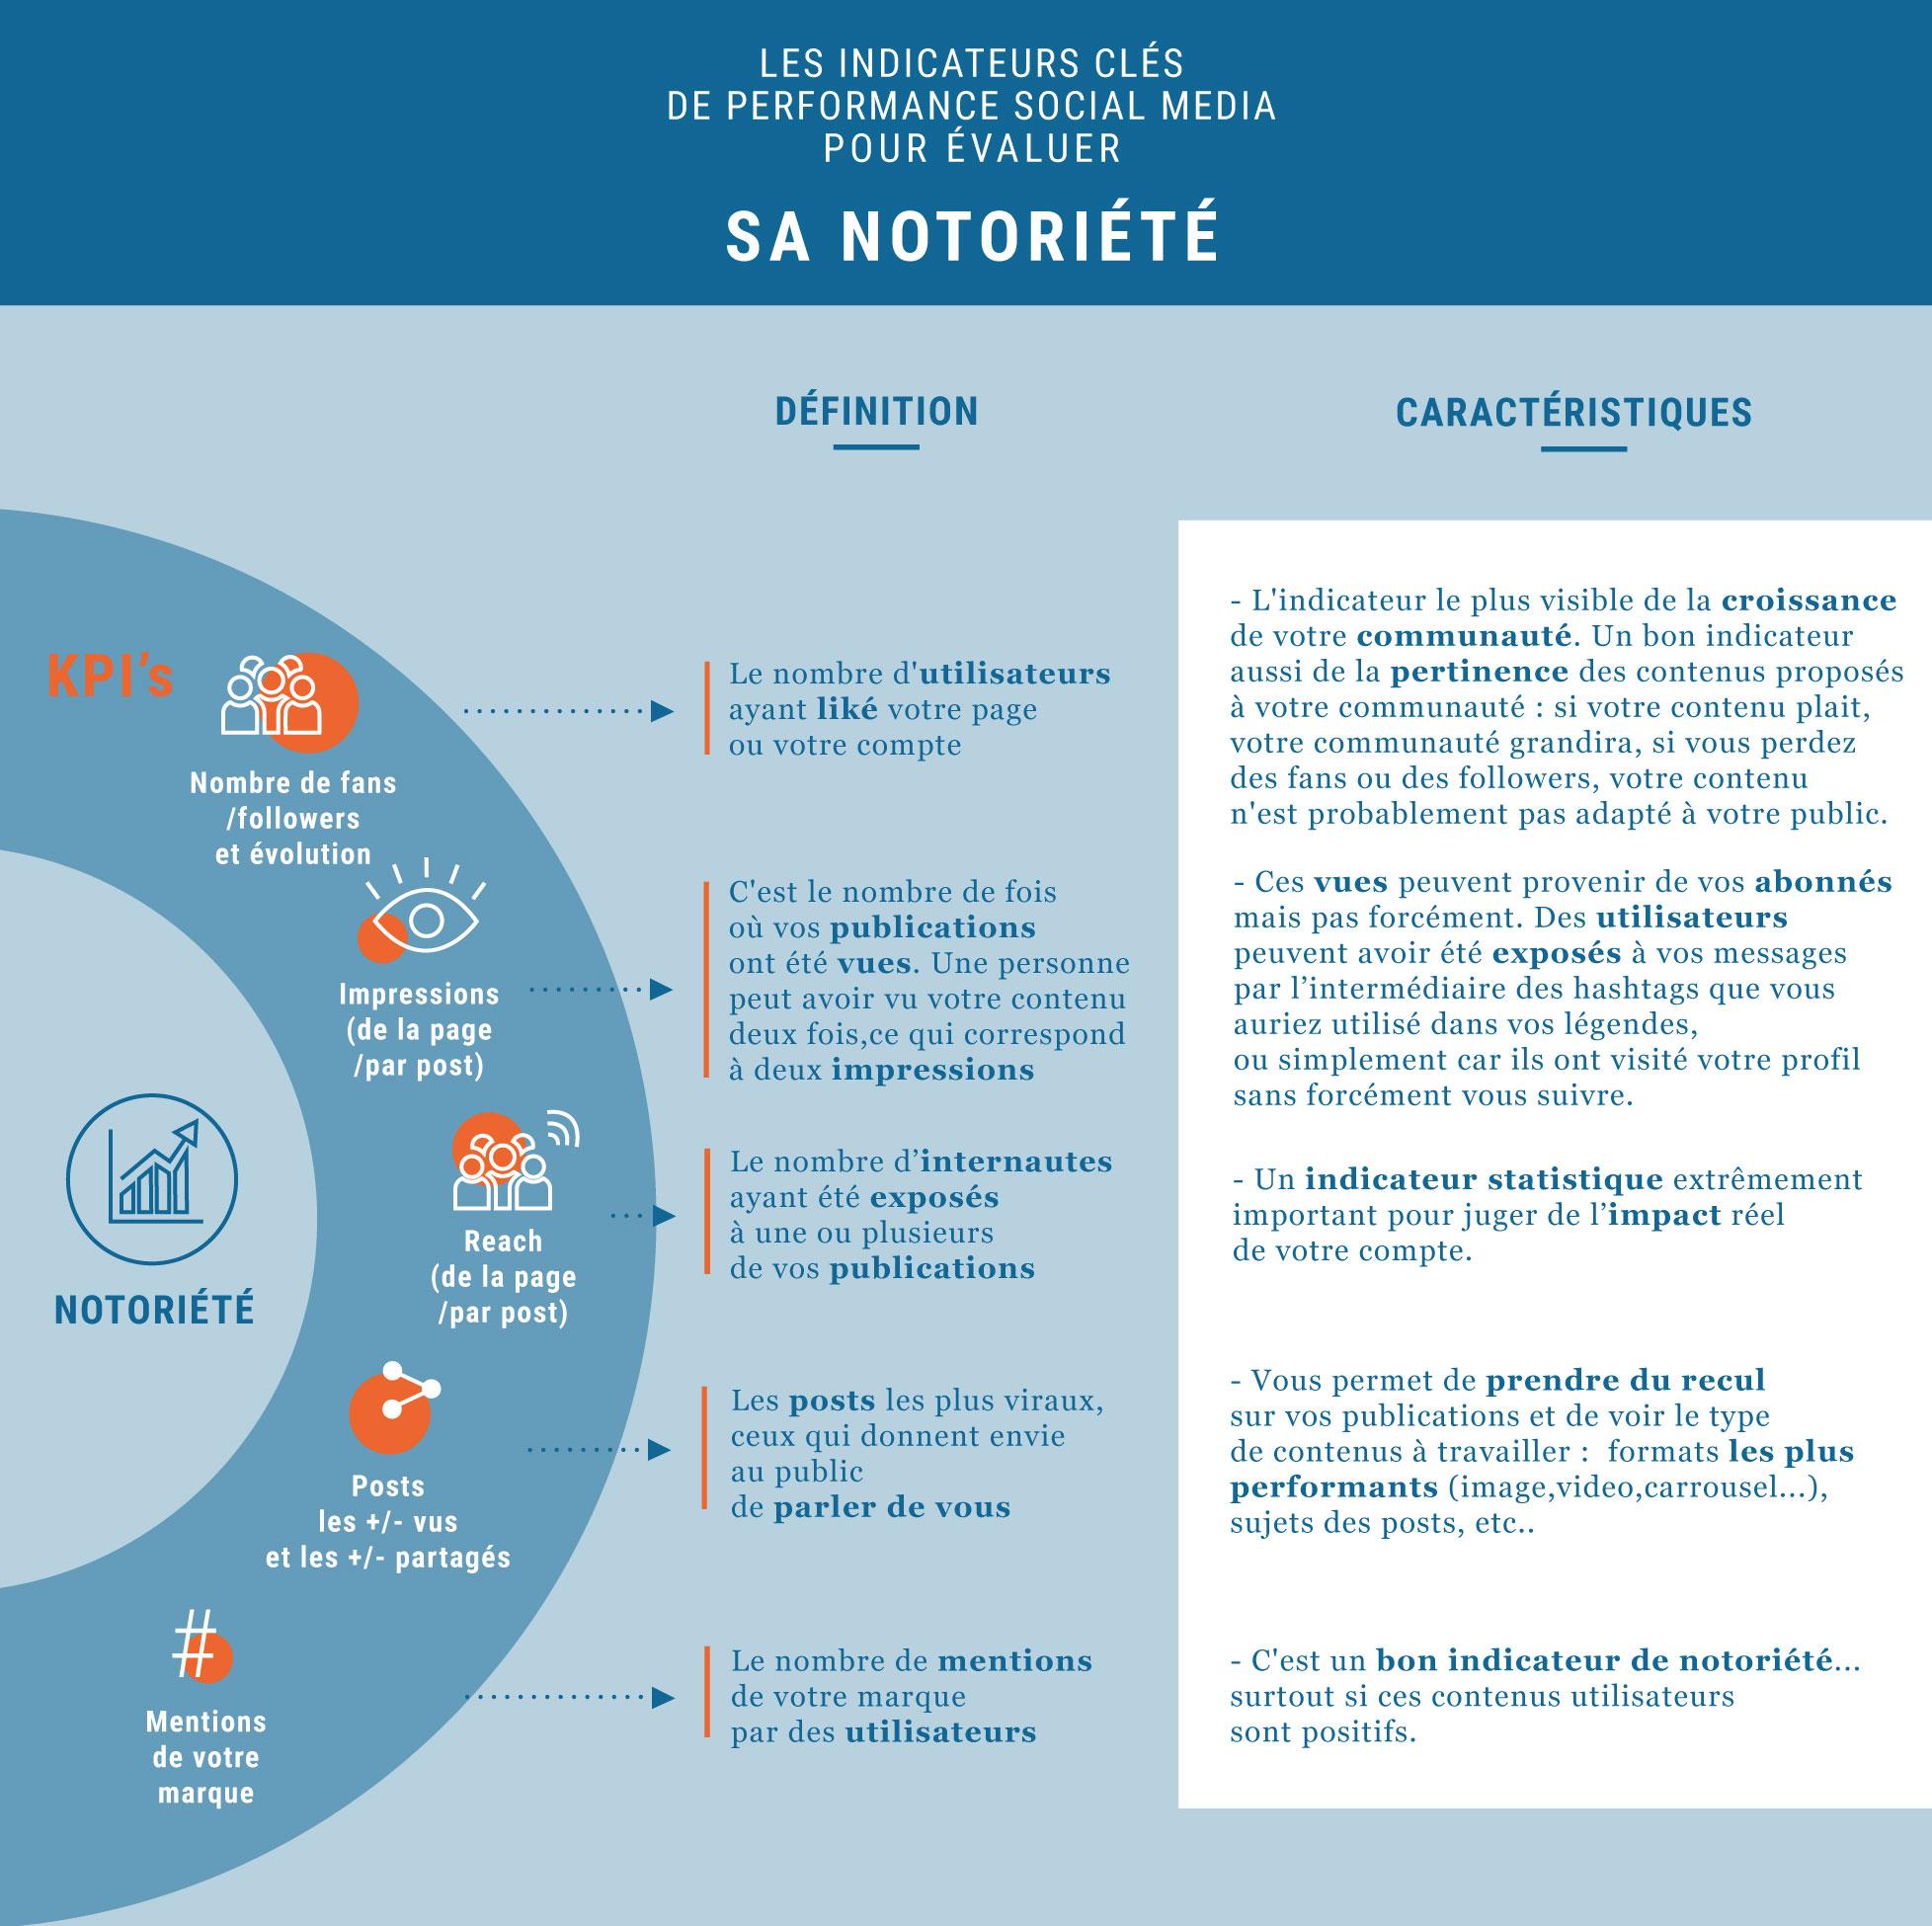 Infographie des KPI's de notoriété